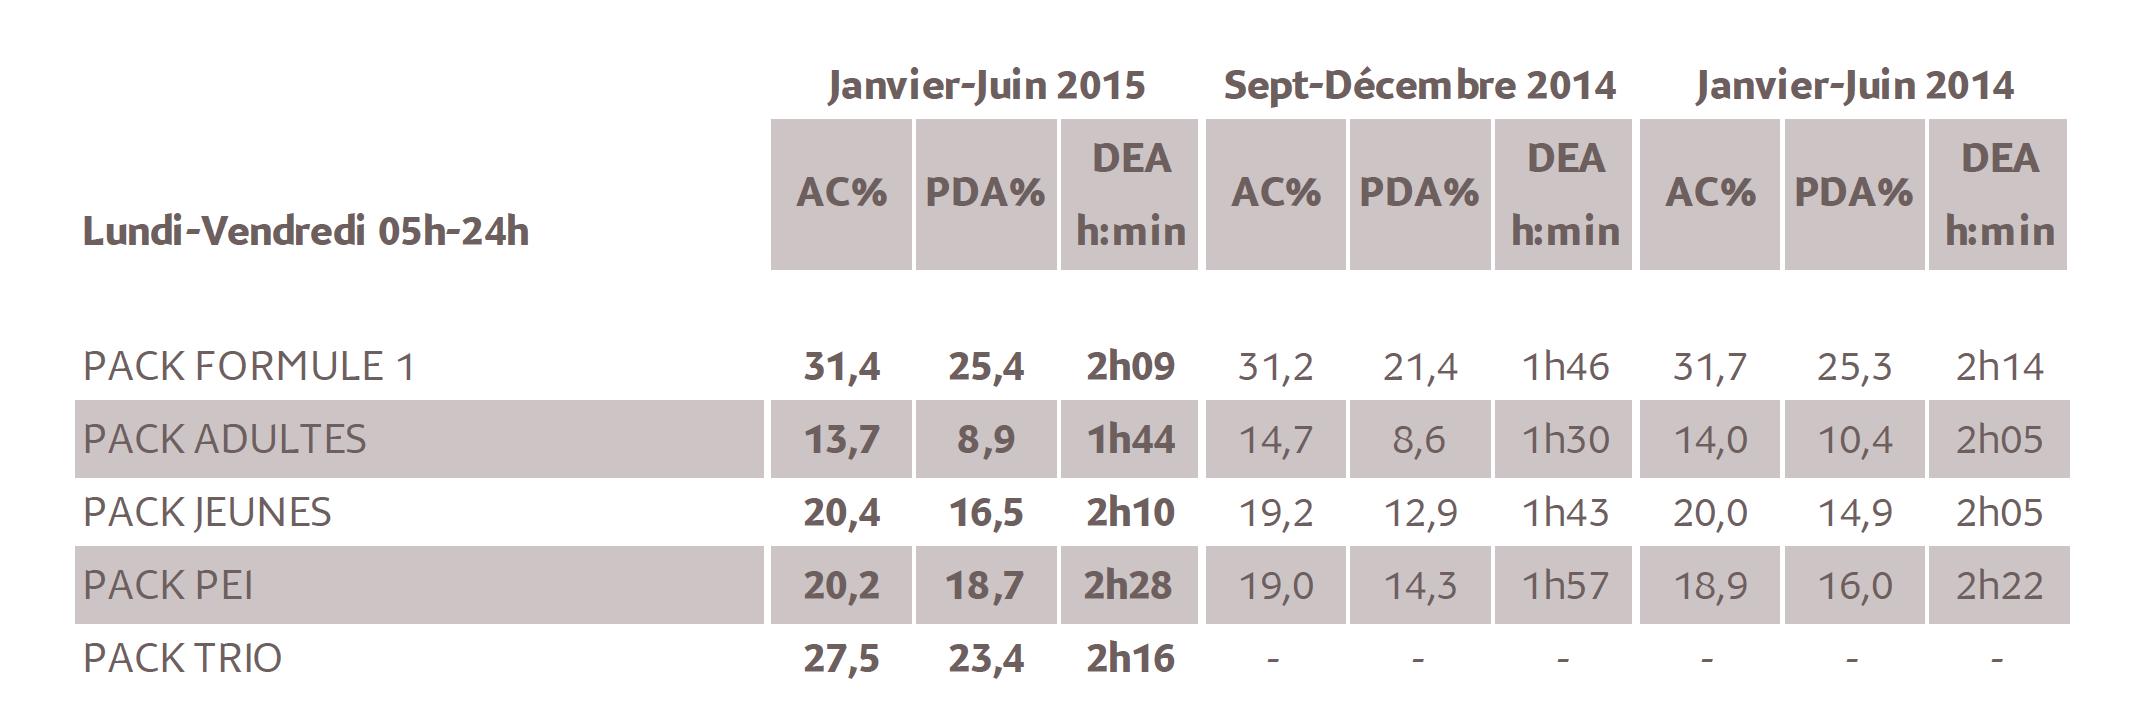 Source : Médiamétrie – Métridom – Janvier-Juin 2015 - 13 ans et plus - Copyright Médiamétrie - Tous droits réservés